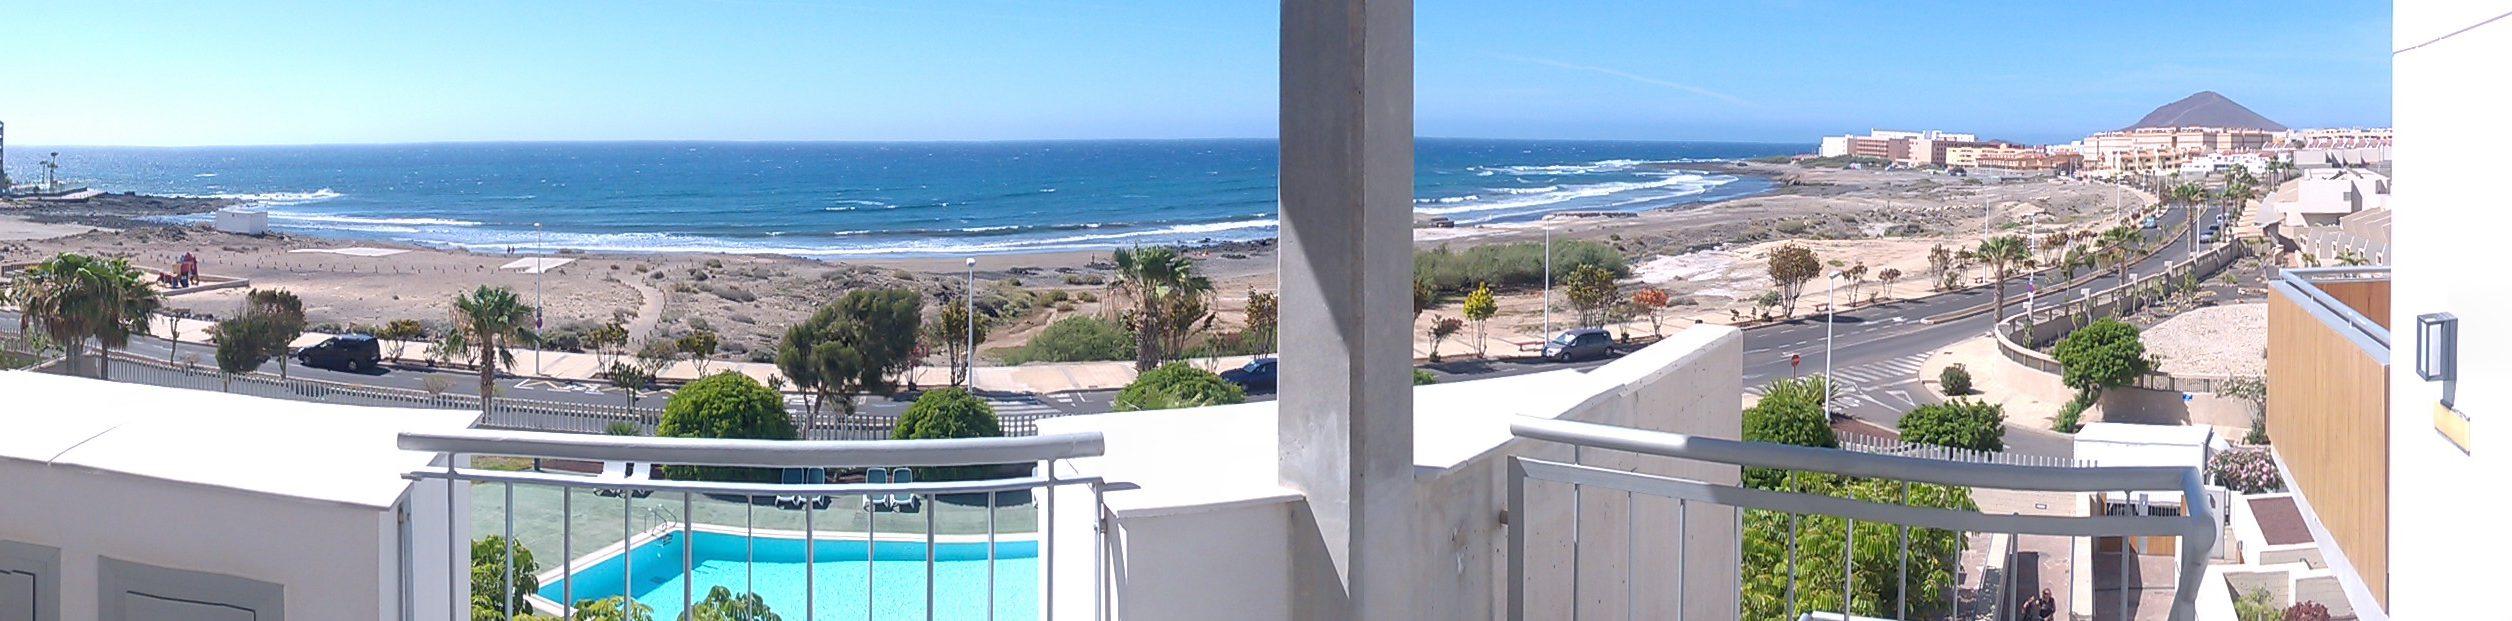 Duplex appartement in El Medano Tenerife te huur